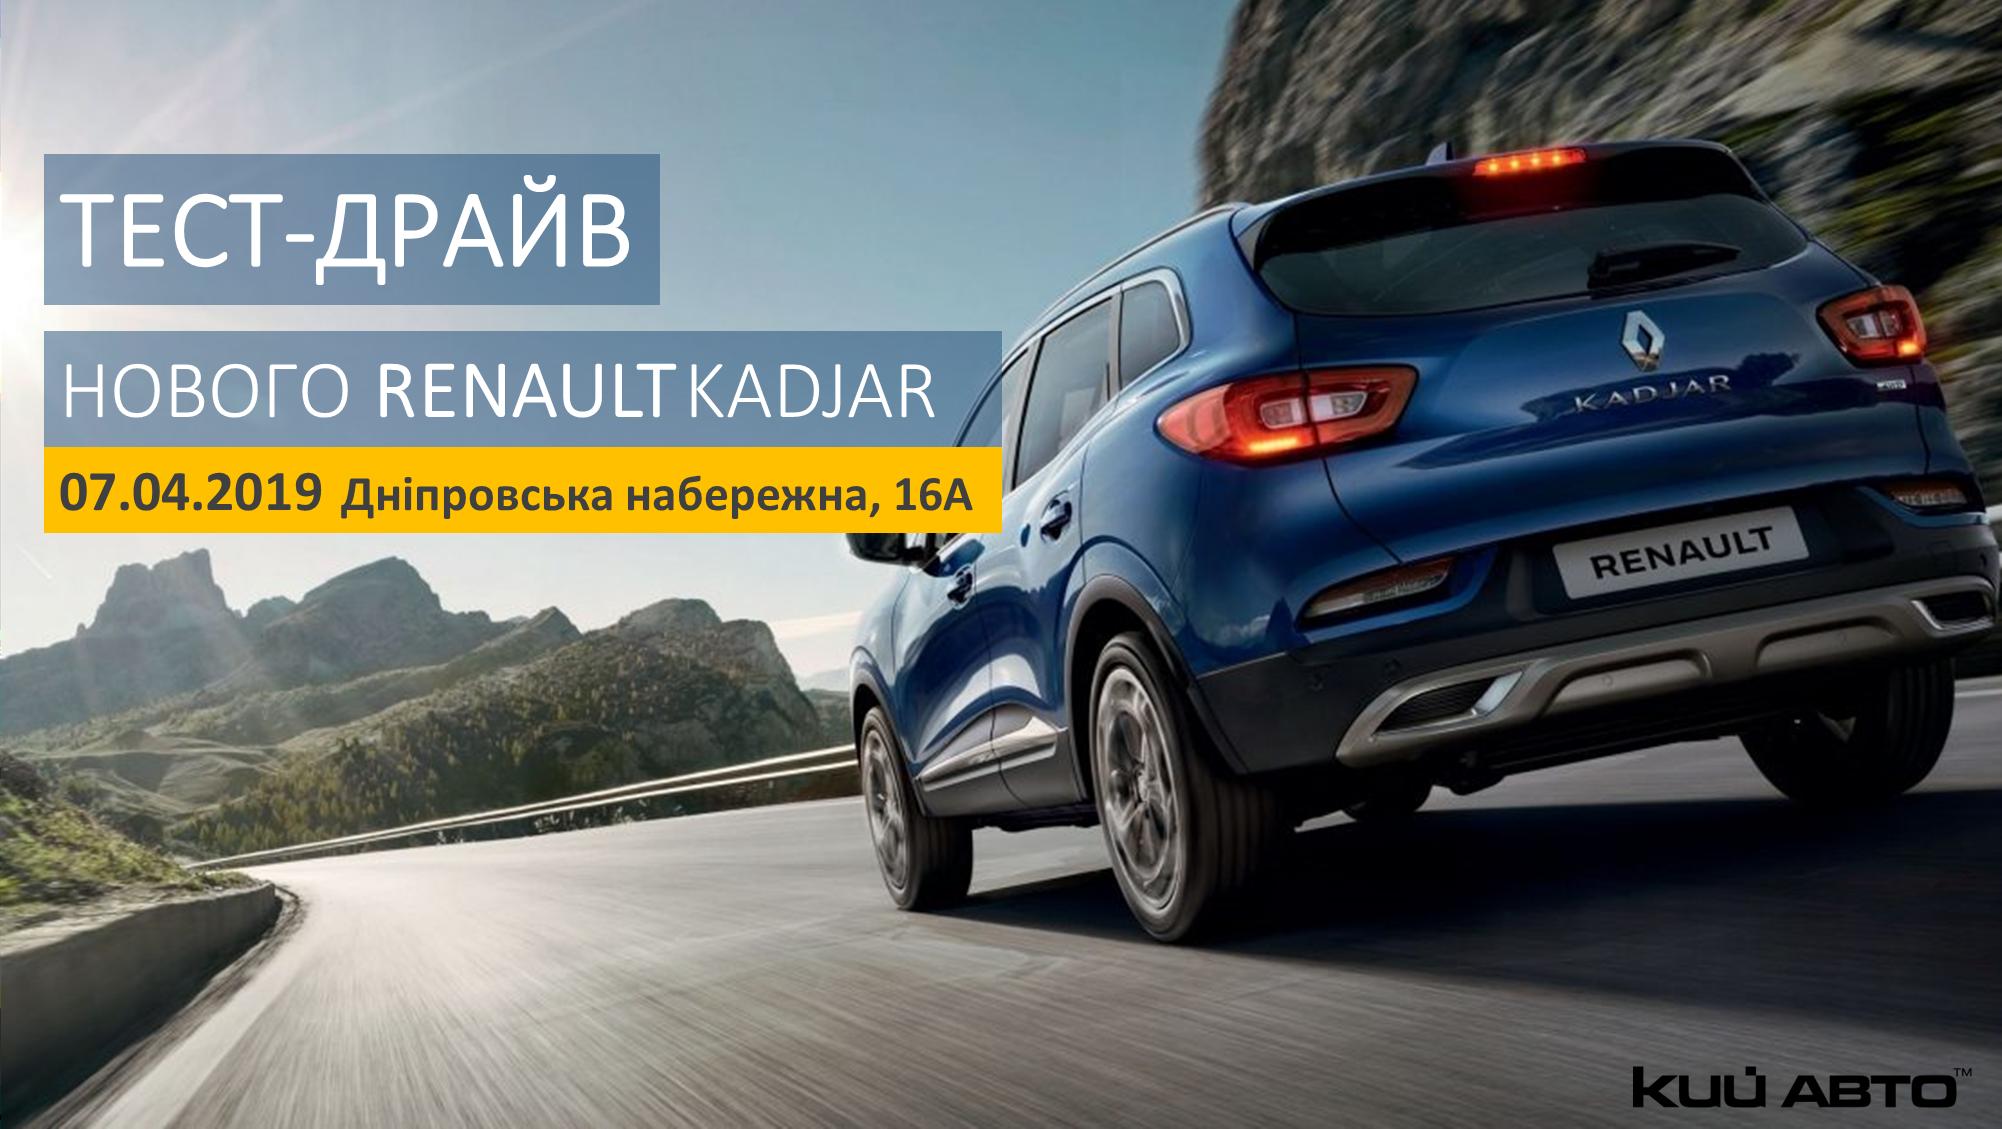 Тест-Драйв Оновленого Renault Kadjar в Кий Авто